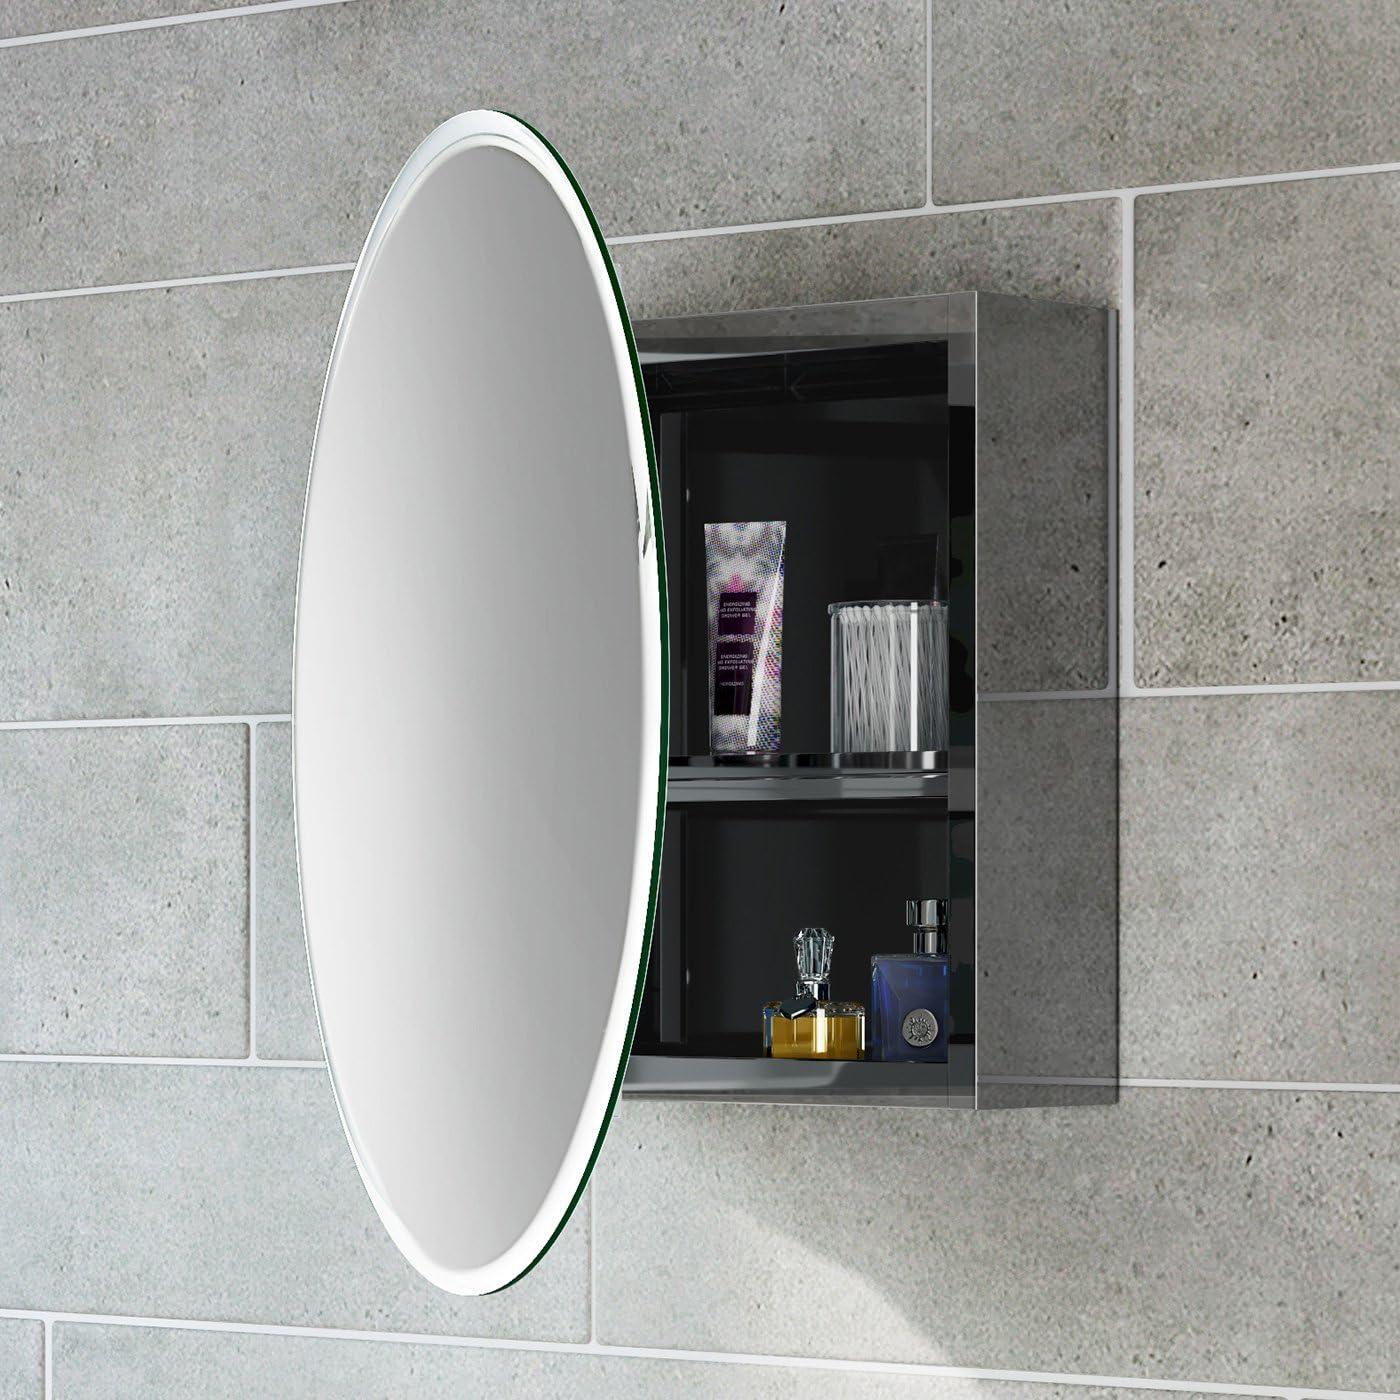 soak Moderner Spiegelschrank aus Edelstahl für das Badezimmer - Badschrank  mit Spiegel - 18 x 18 cm, eine Tür (rund), einfache Montage